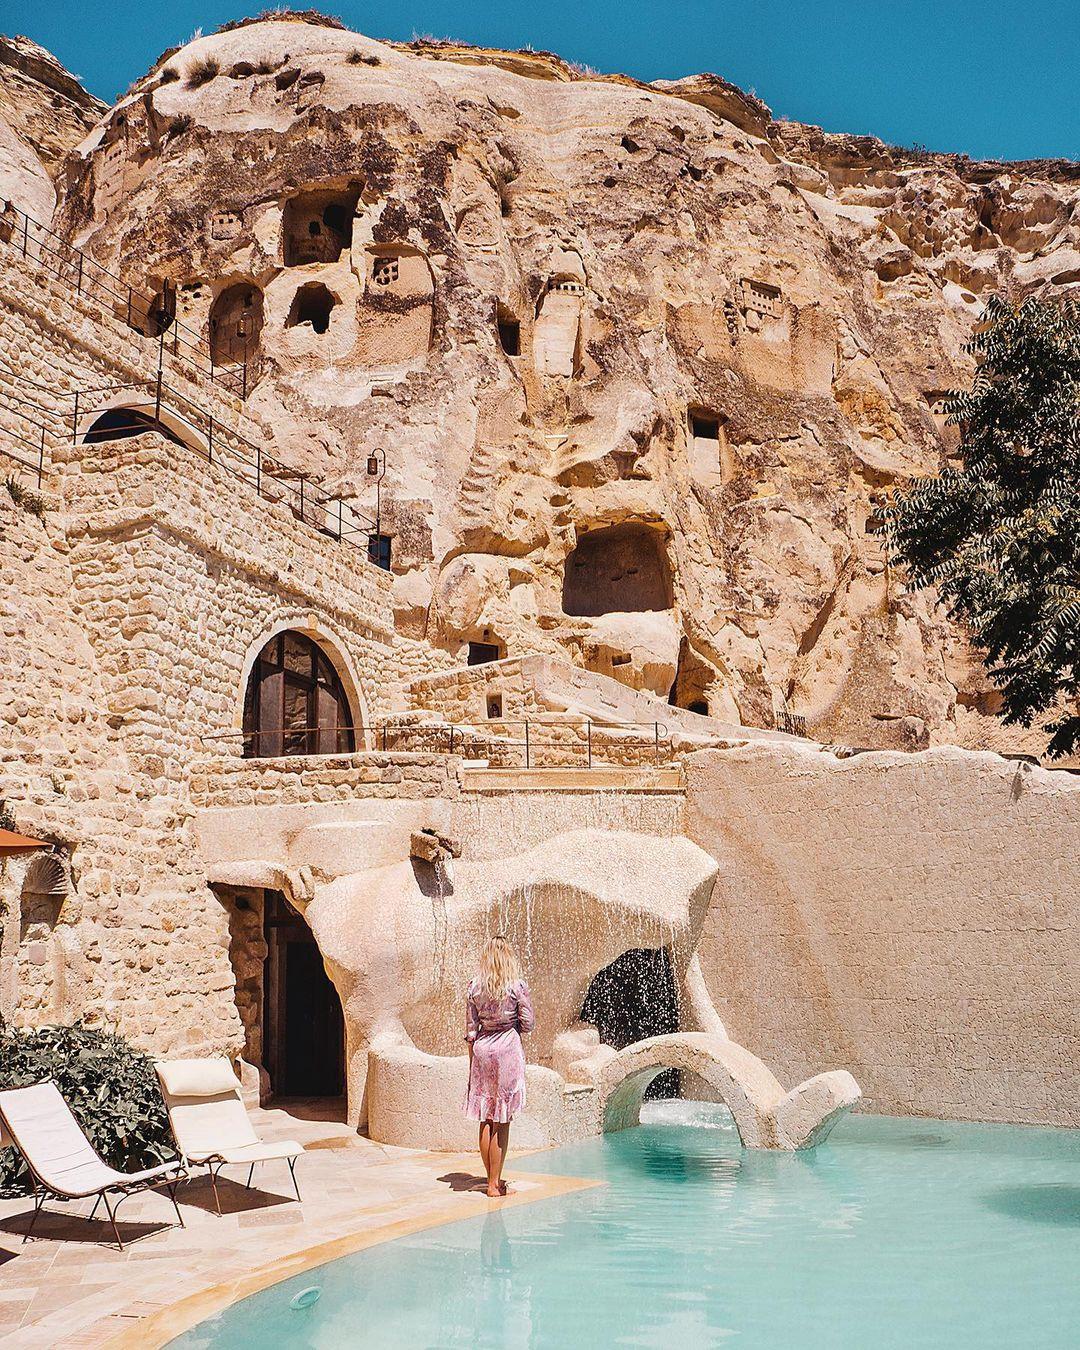 Khách sạn hang đá ở Thổ Nhĩ Kỳ 'sang chảnh' không kém resort nổi tiếng - 6